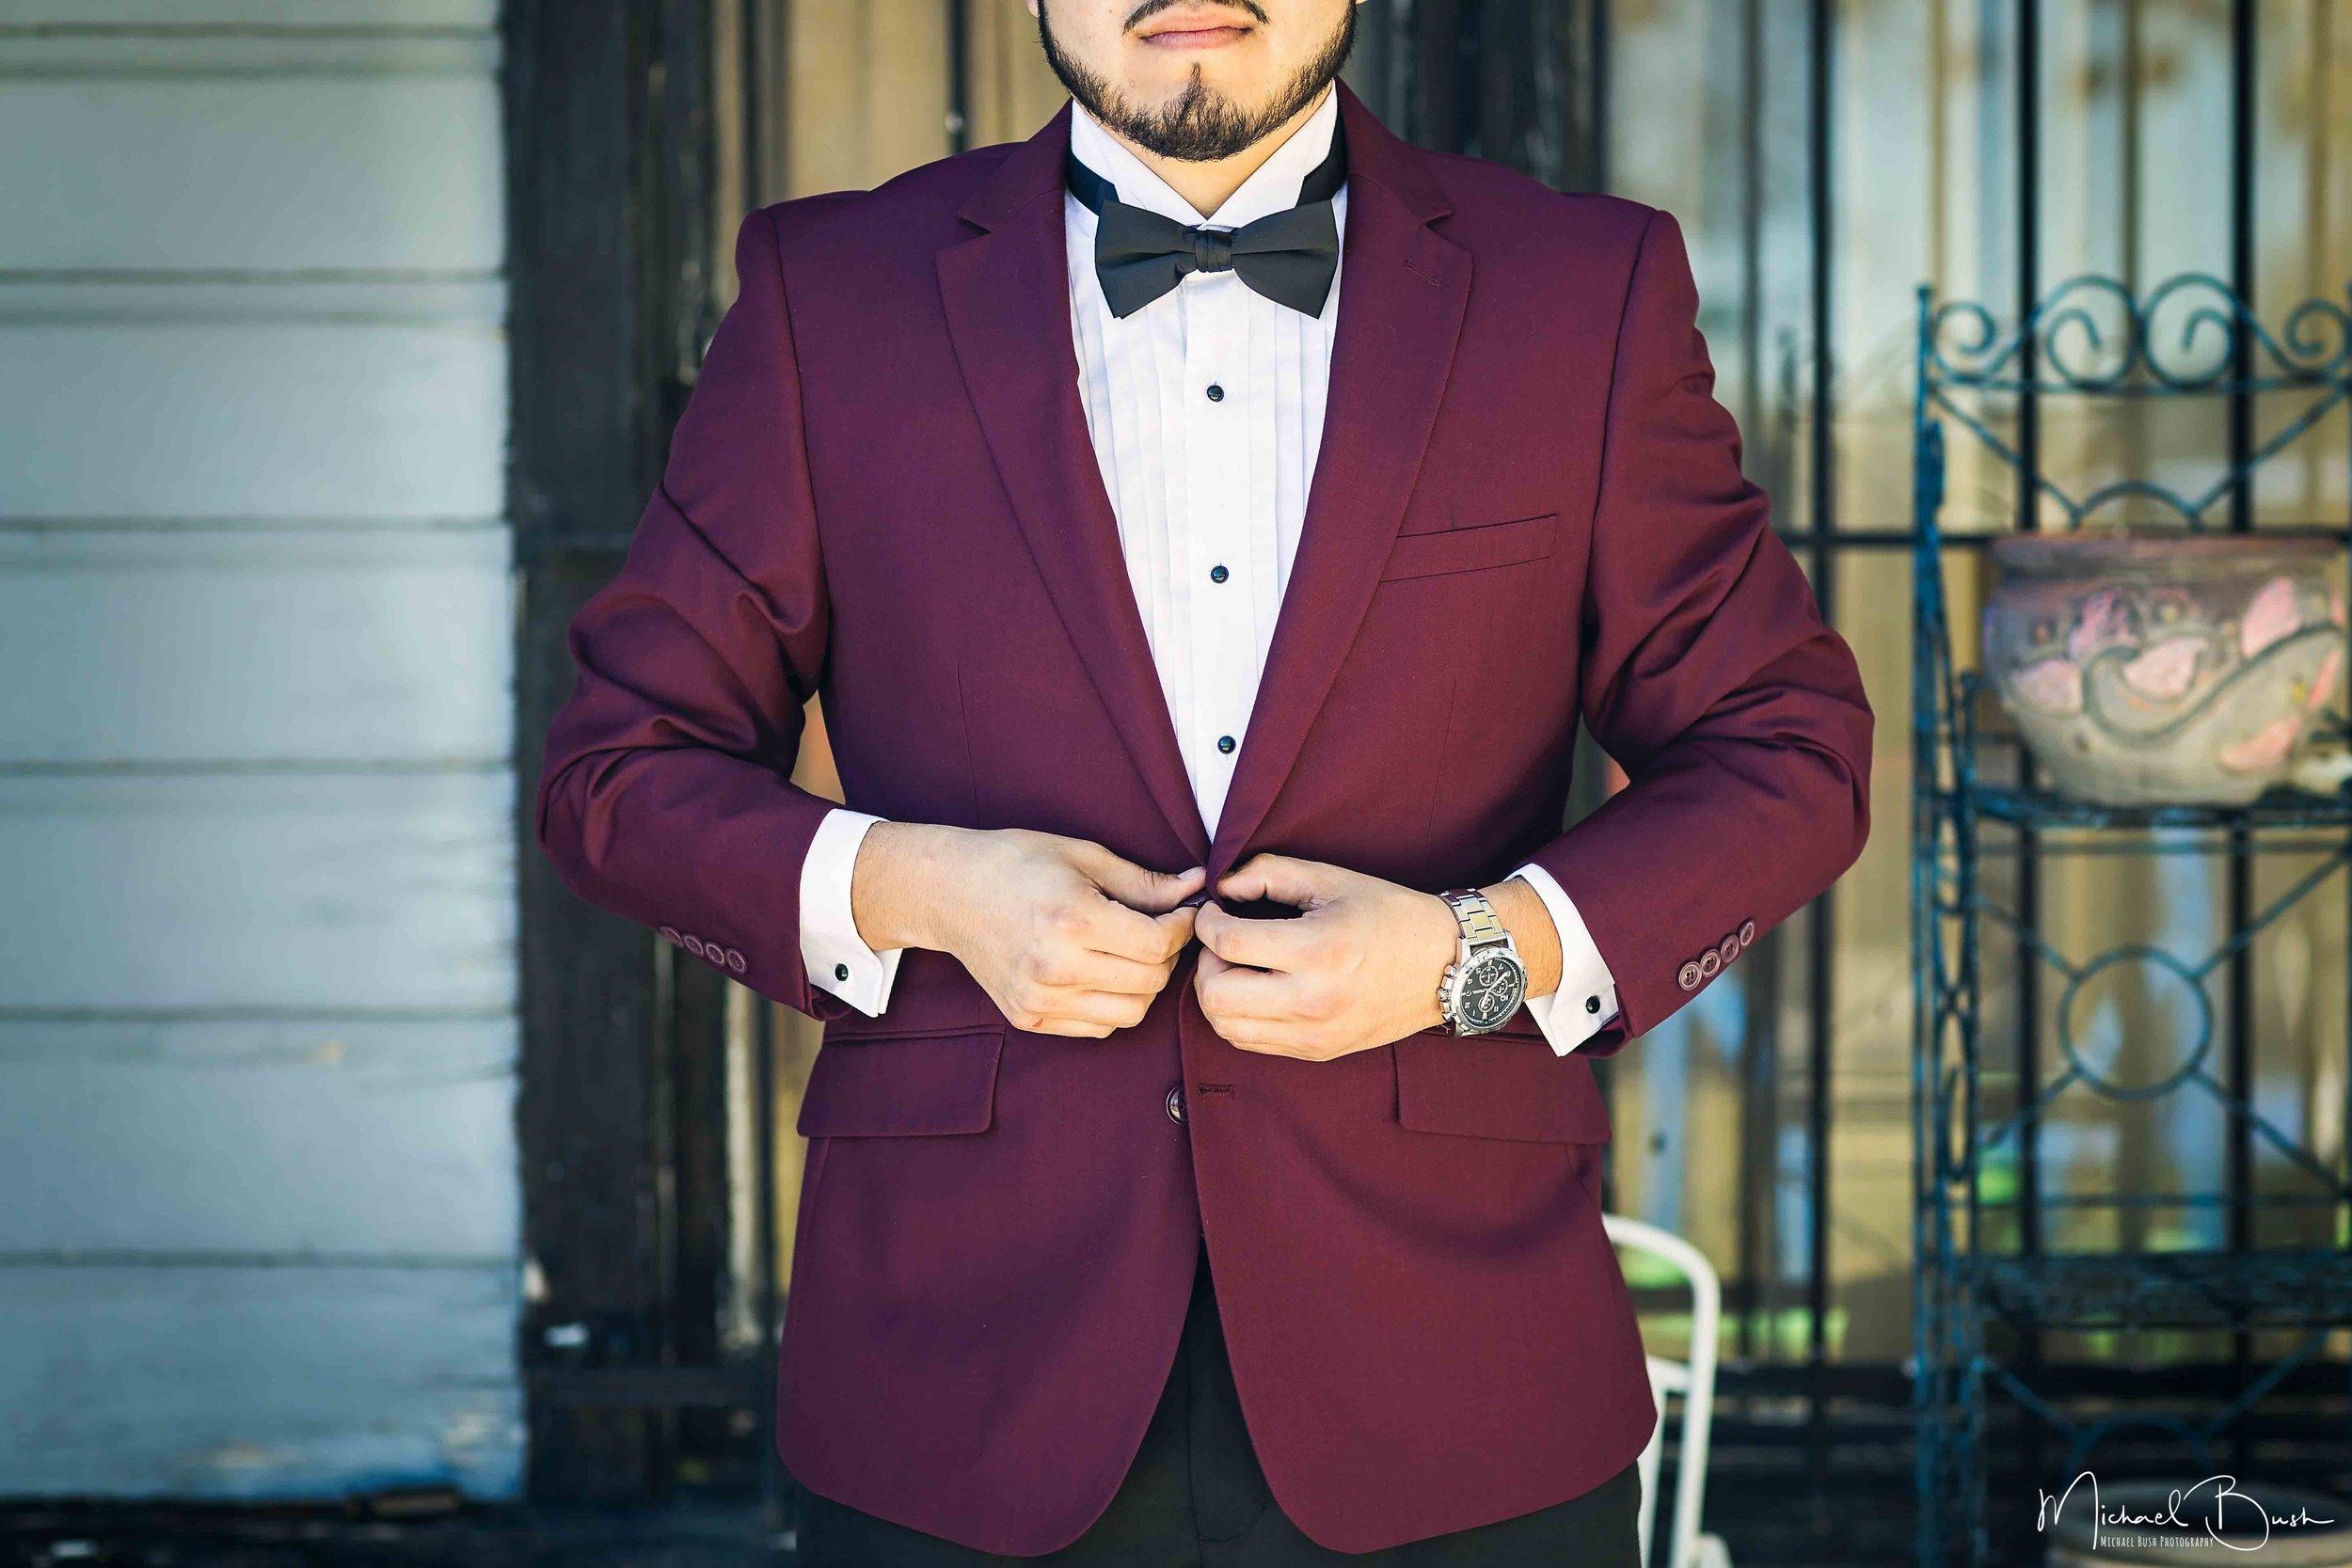 Wedding-Details-Groom-Fort Worth-b&w-Getting Ready,done, wedding ready.jpg